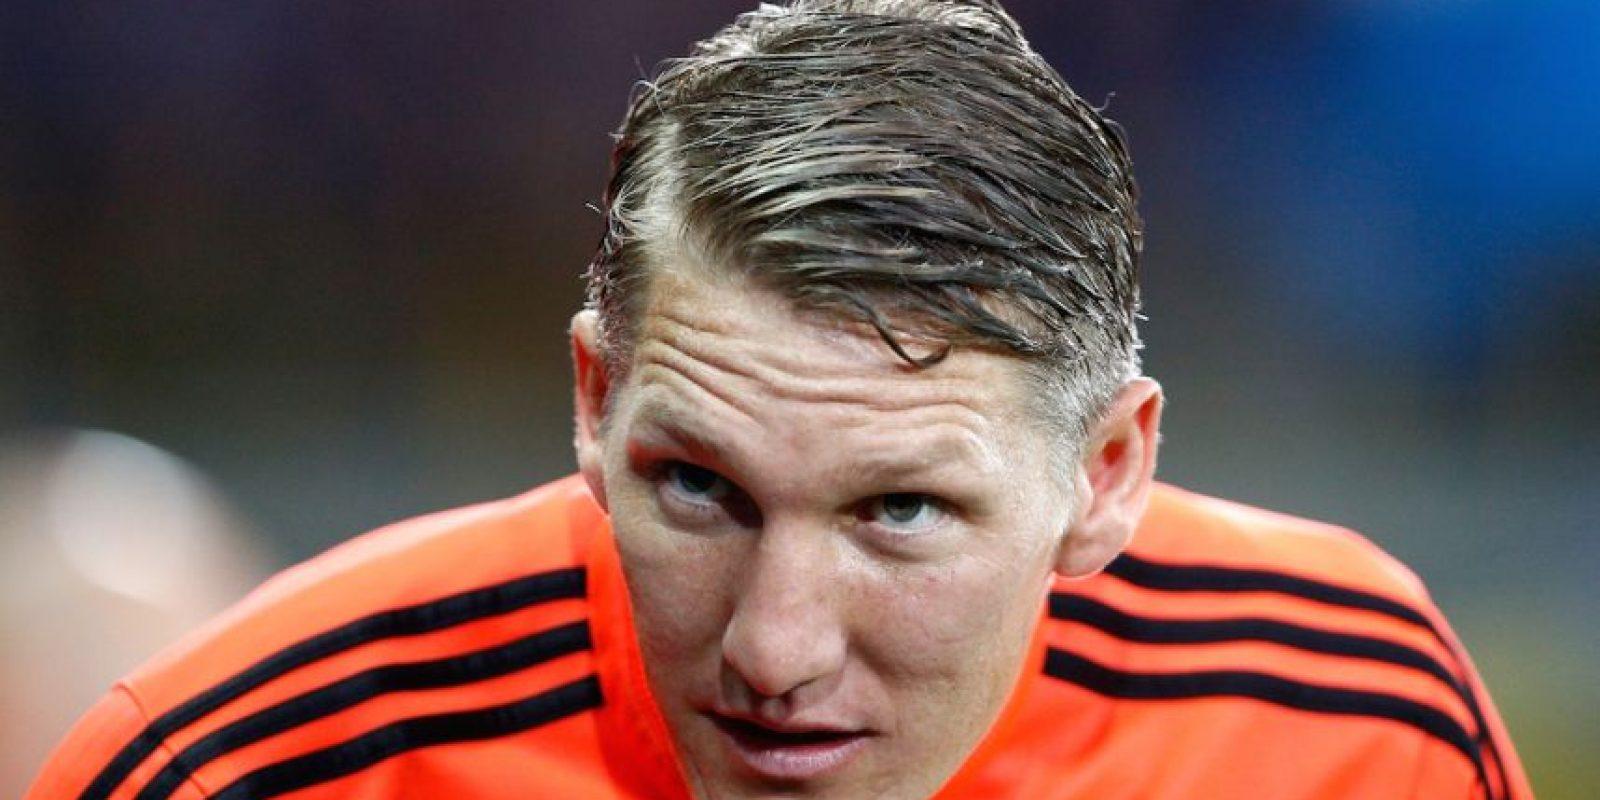 Bastian Schweinsteiger es un futbolista alemán que juega en el Manchester United. Foto:Getty Images